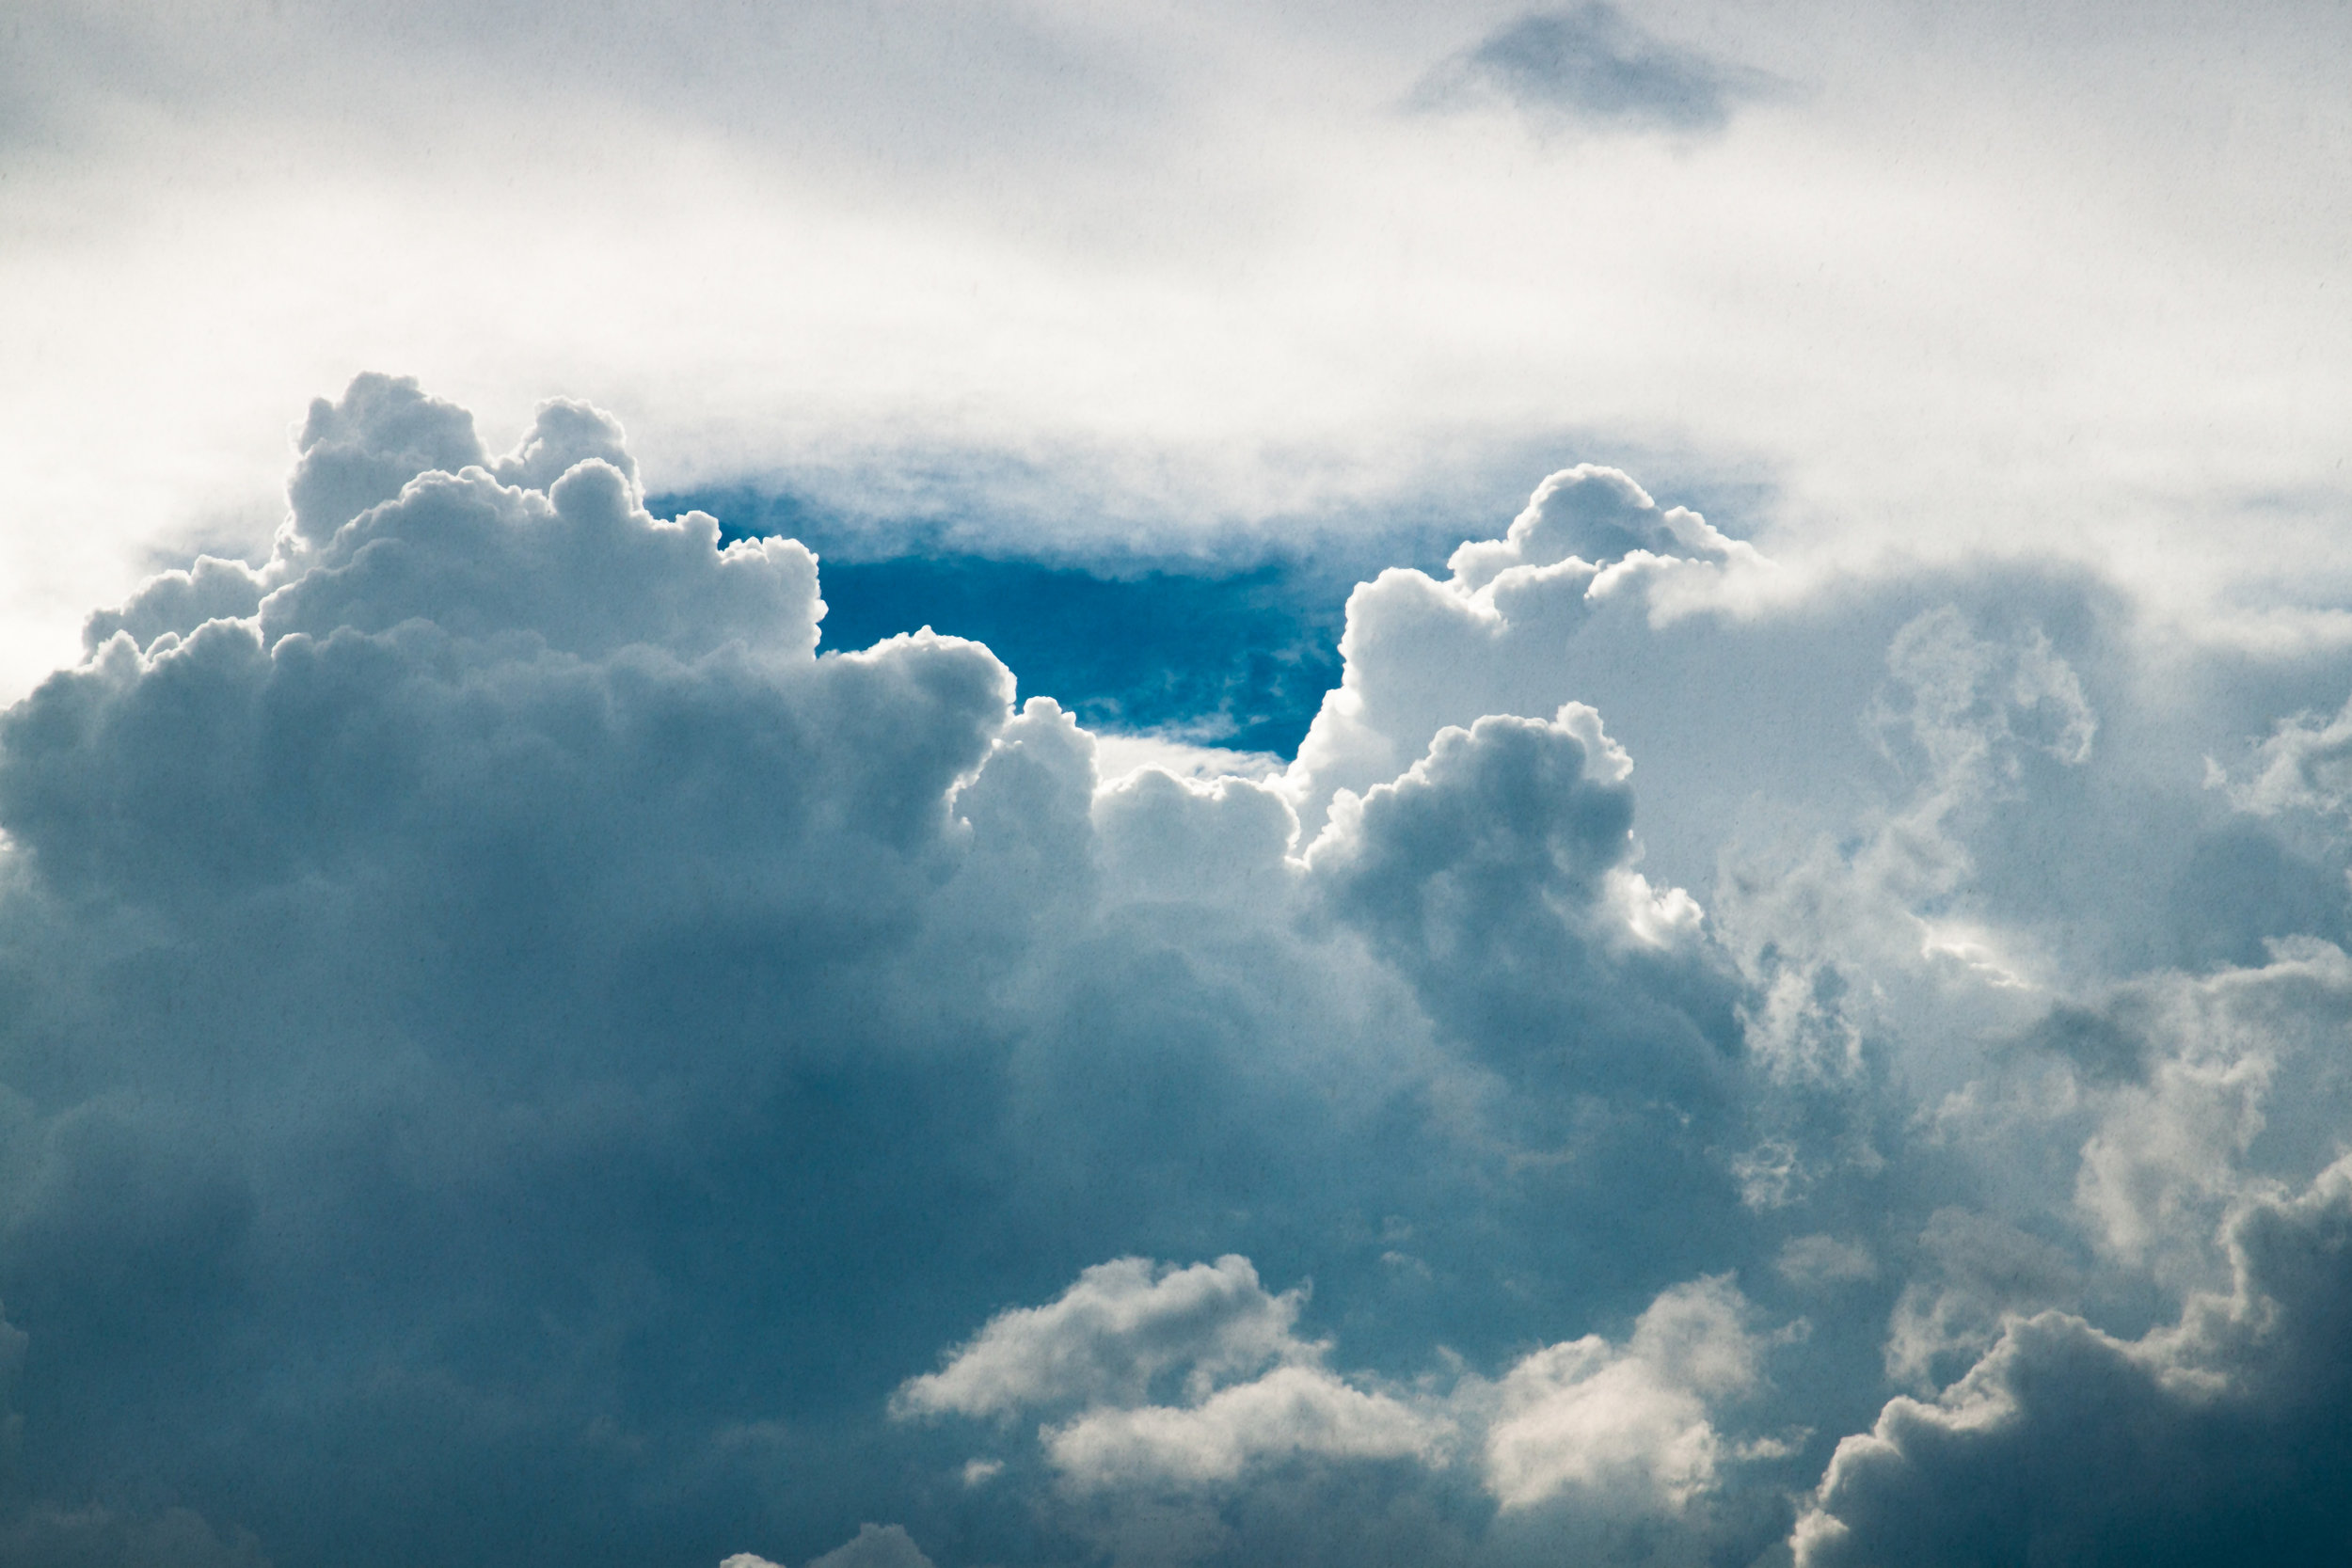 The Breath of the Heart (Hridaya) - LUFT - Das Luftelement steht in direkter Verbindung mit unserem Atem und repräsentiert alles in uns, was sich bewegt und zirkuliert. Es erweckt unserer Herz-Intelligenz – das Feuer unseres Herzens und wird über das Sinnesorgan der Berührung ausgedrückt.Diese Immersion beinhaltet eine solare (aktive) Prana Vinyasa Luft (Herz)-Sequenz. Wir lernen Hridaya Namaskar (Herz Namskar) und das auf die Sequenz abgestimmte intelligente Wave Sequencing, Pulsierung, Rythmische- und Body Vinyasas sowie hands-on.Die Immersion beinhaltet eine Mischung aus Praxis und Theorie sowie Herz-Meditationen, Mantra und Mudra Vinyasas, um die Intention unseres Herzens und die Kraft der Liebe zu verkörpern.Peak Asanas / Asana Fokus: Herzöffnungen, Rückbeugen